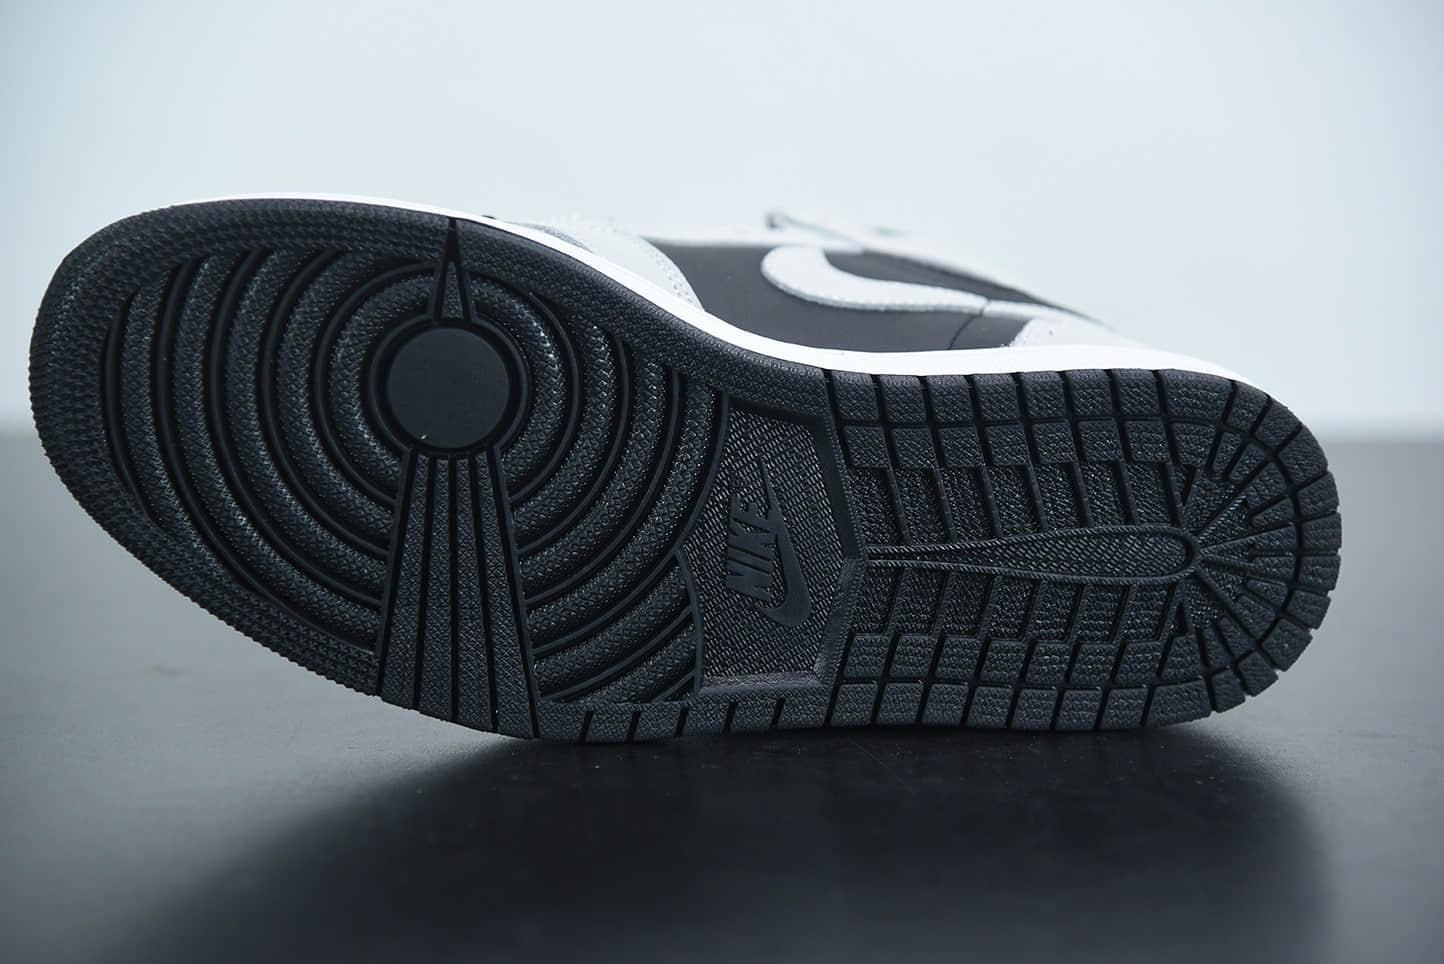 乔丹Air Jordan 1 High AJ1高帮灰白熊猫影子灰2.0中帮篮球鞋纯原版本 货号:555088-035